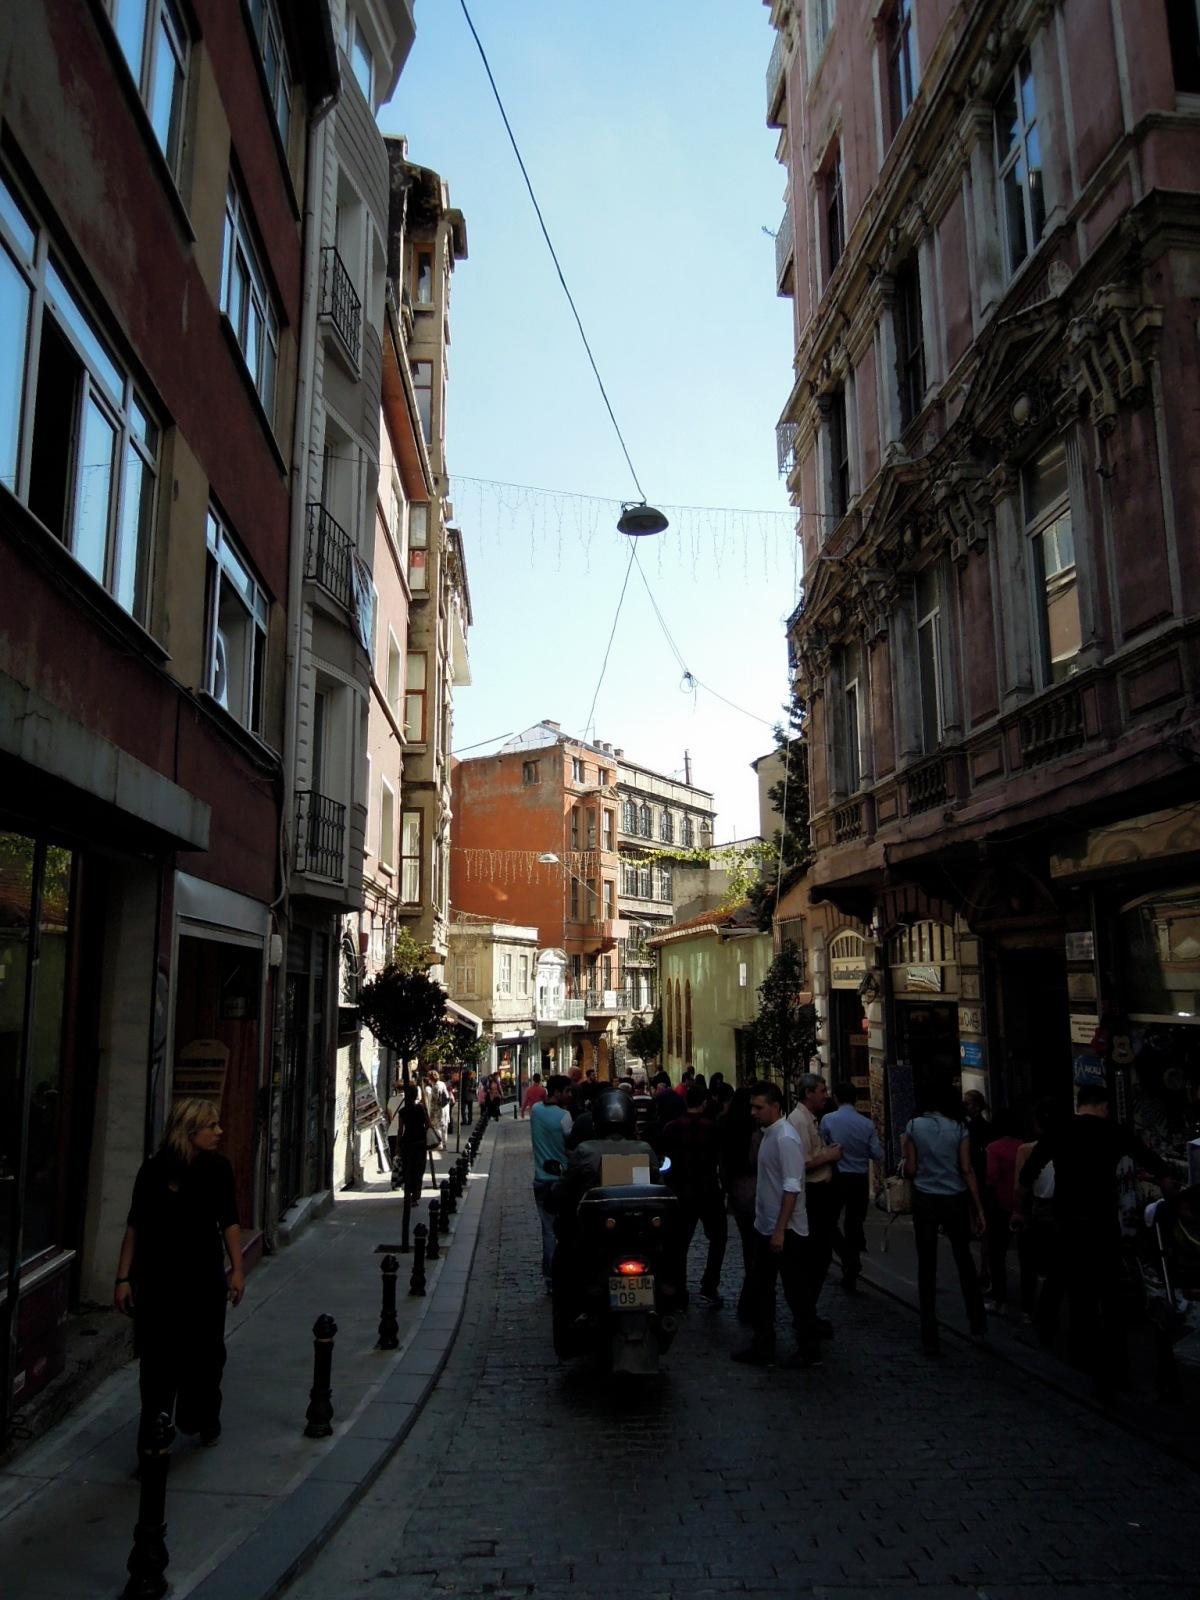 On or near Galip Dede Caddesi